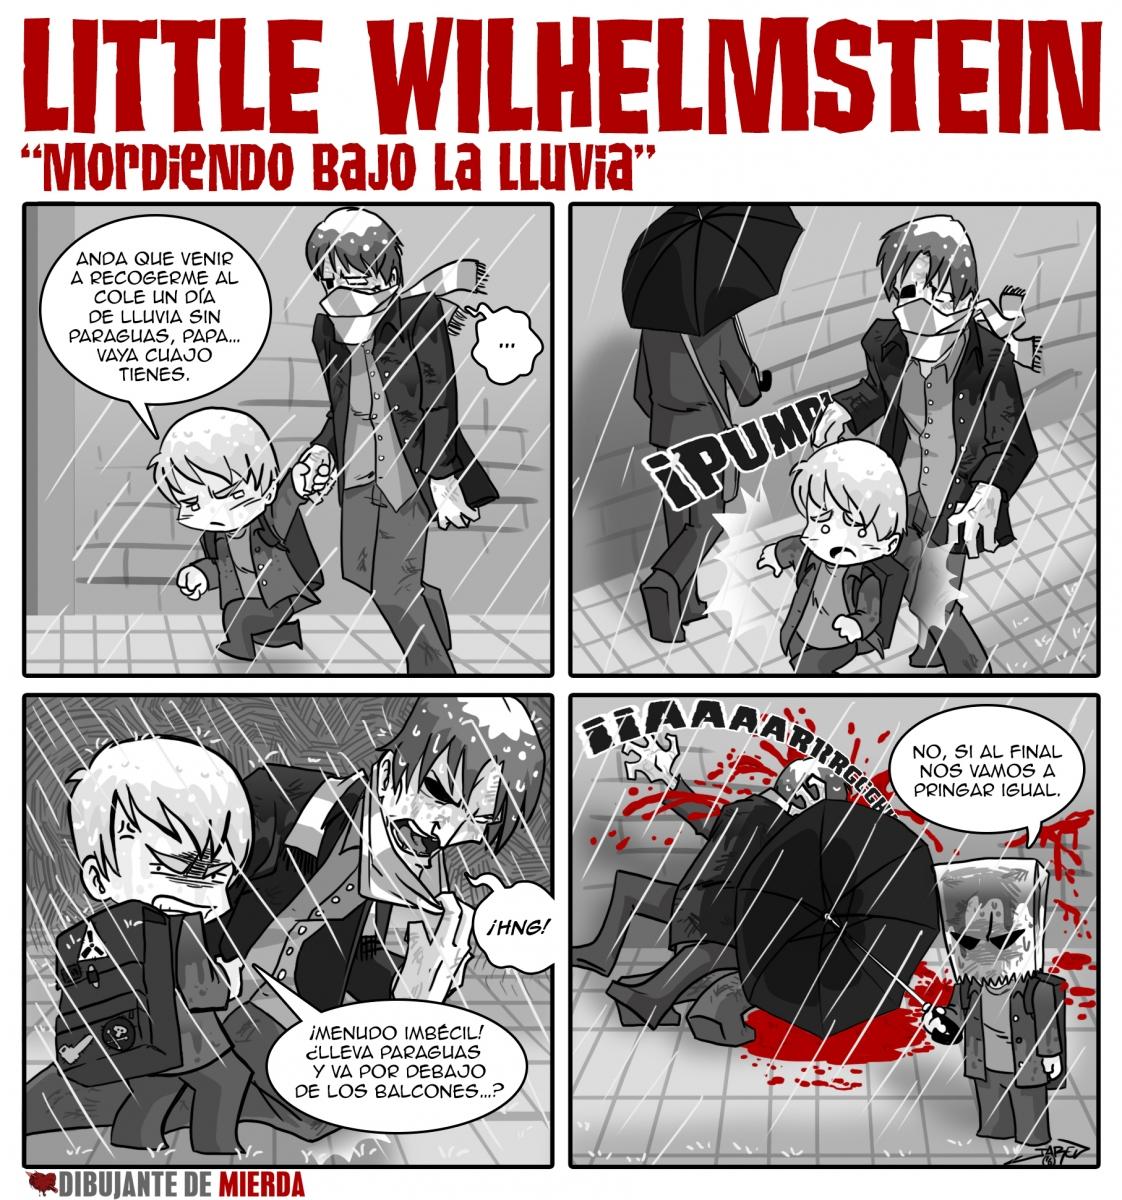 Wilhelm-Mordiendo-bajo-la-lluvia-web